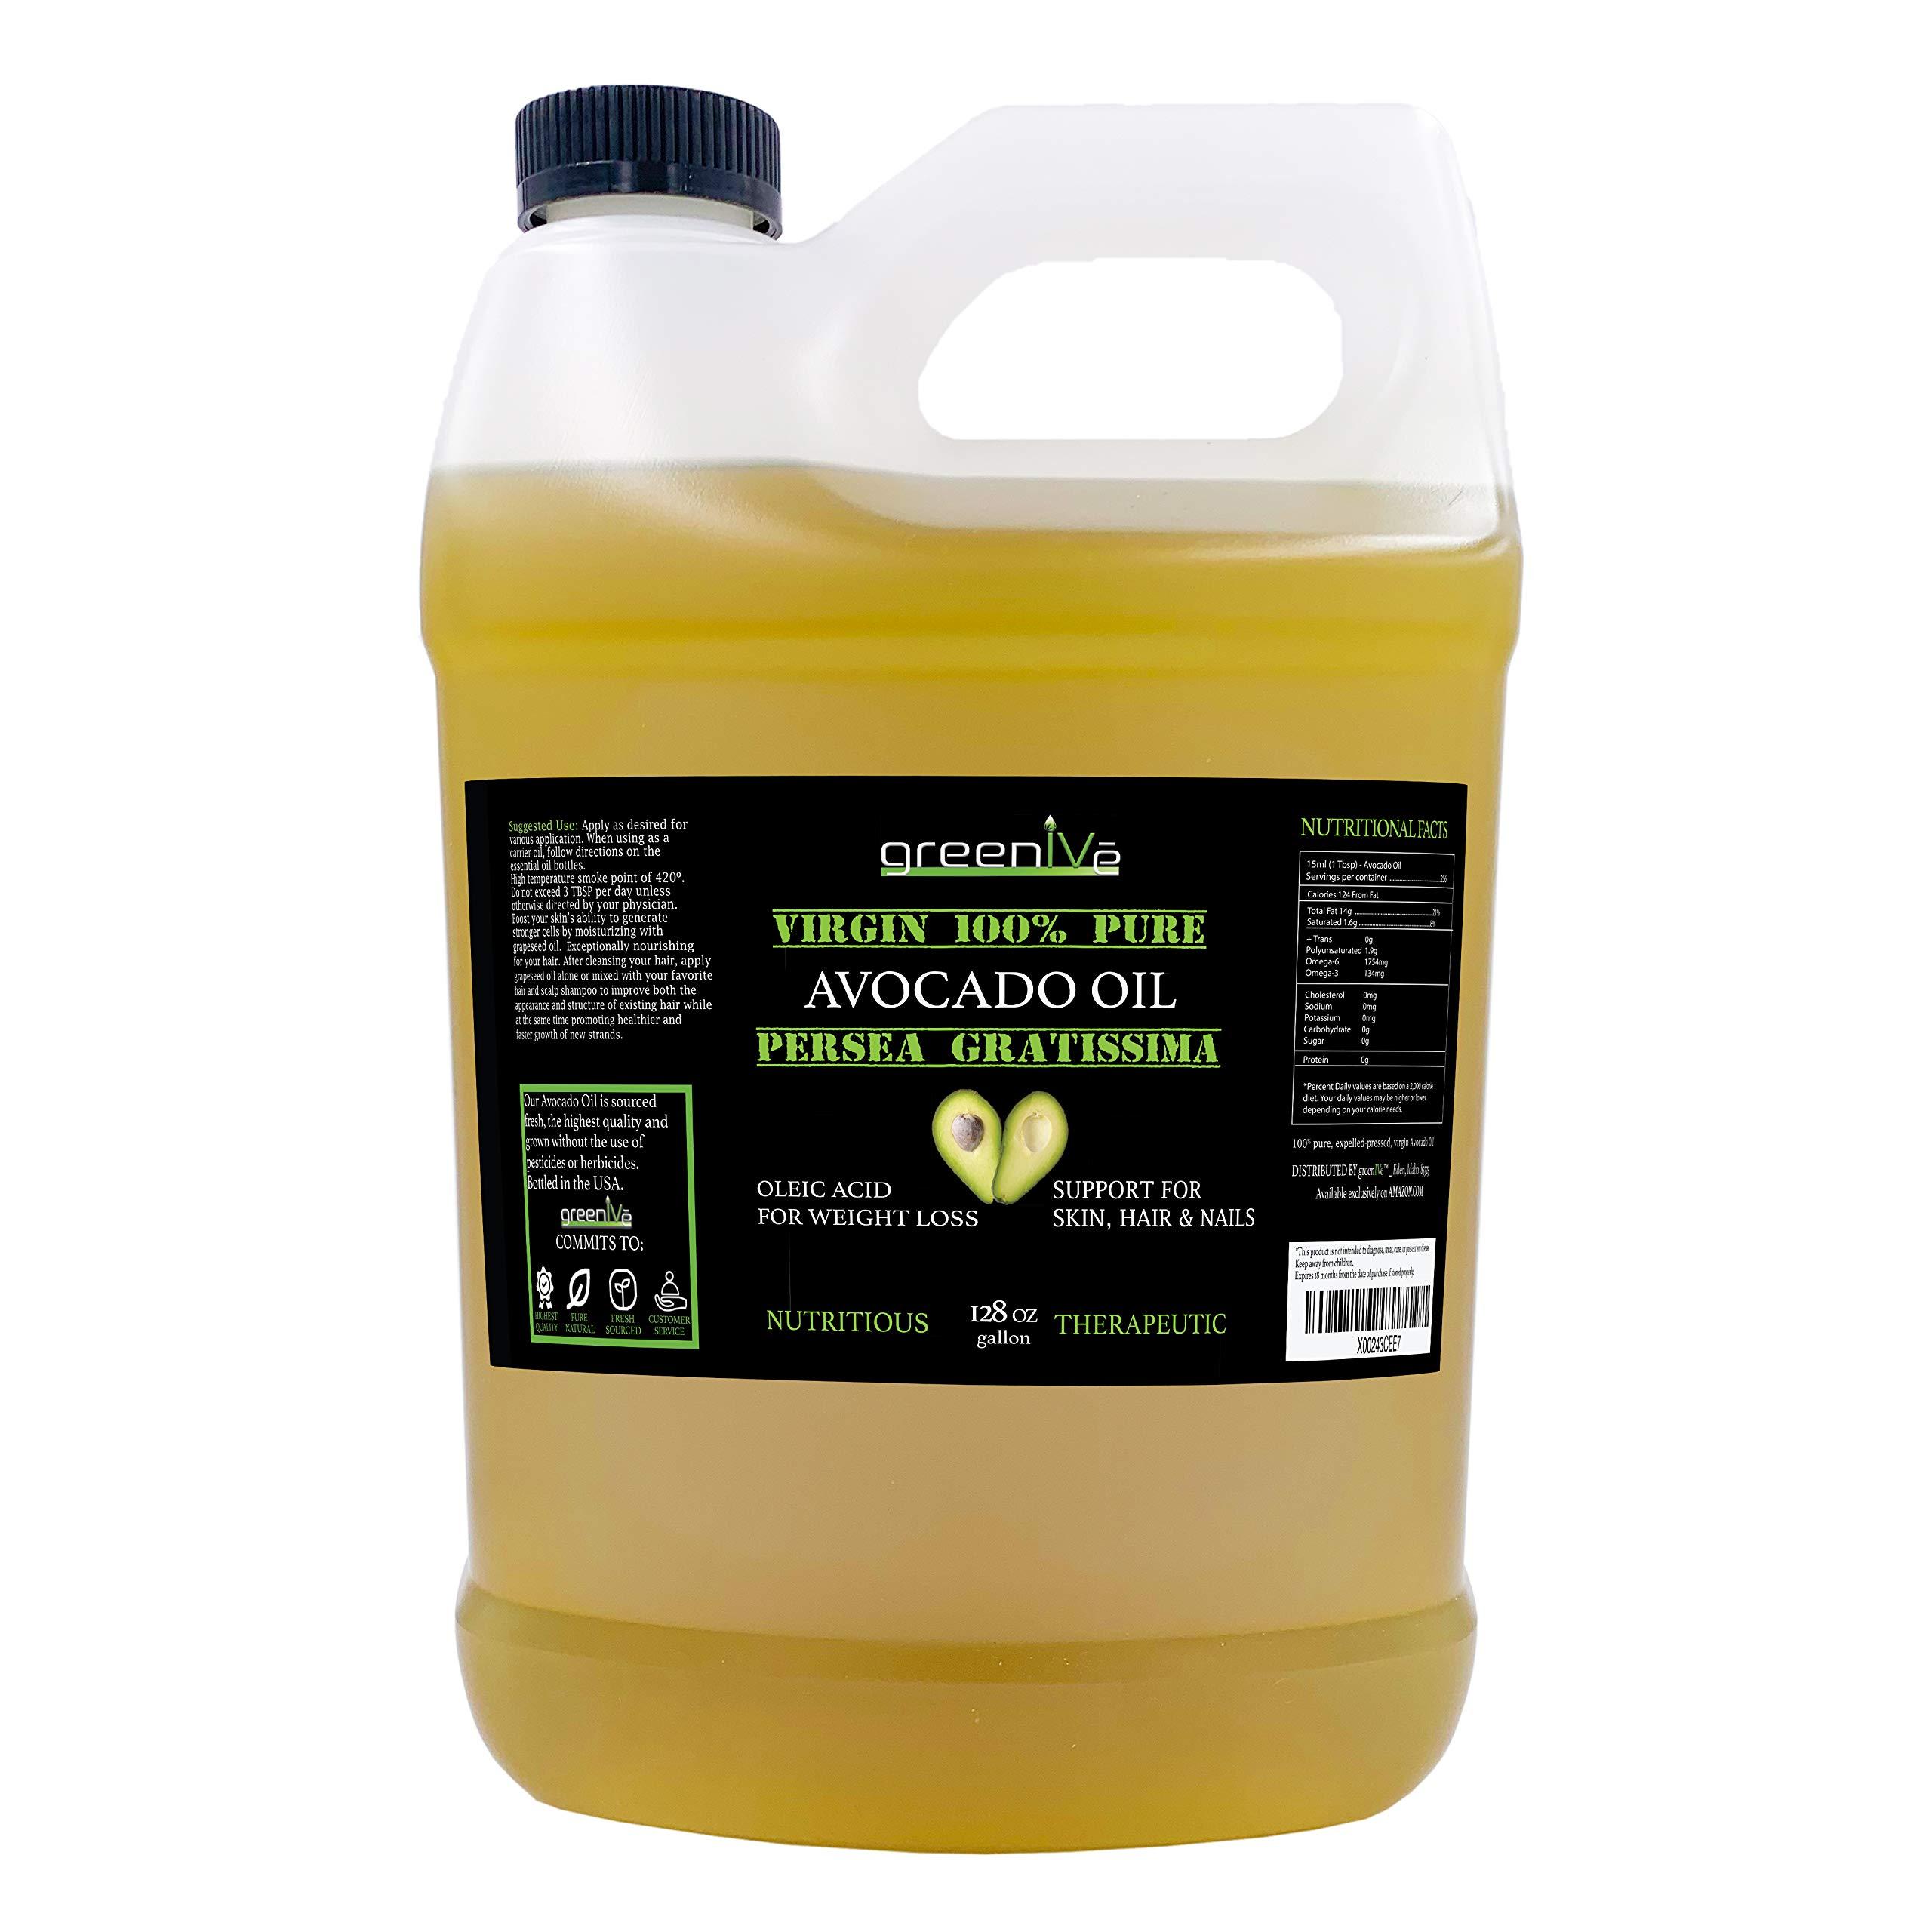 GreenIVe - Avocado Oil - 100% Pure Avocado Oil - Cold Pressed - Virgin - Exclusively on Amazon (128 Ounce (1 Gallon)) by Greenive